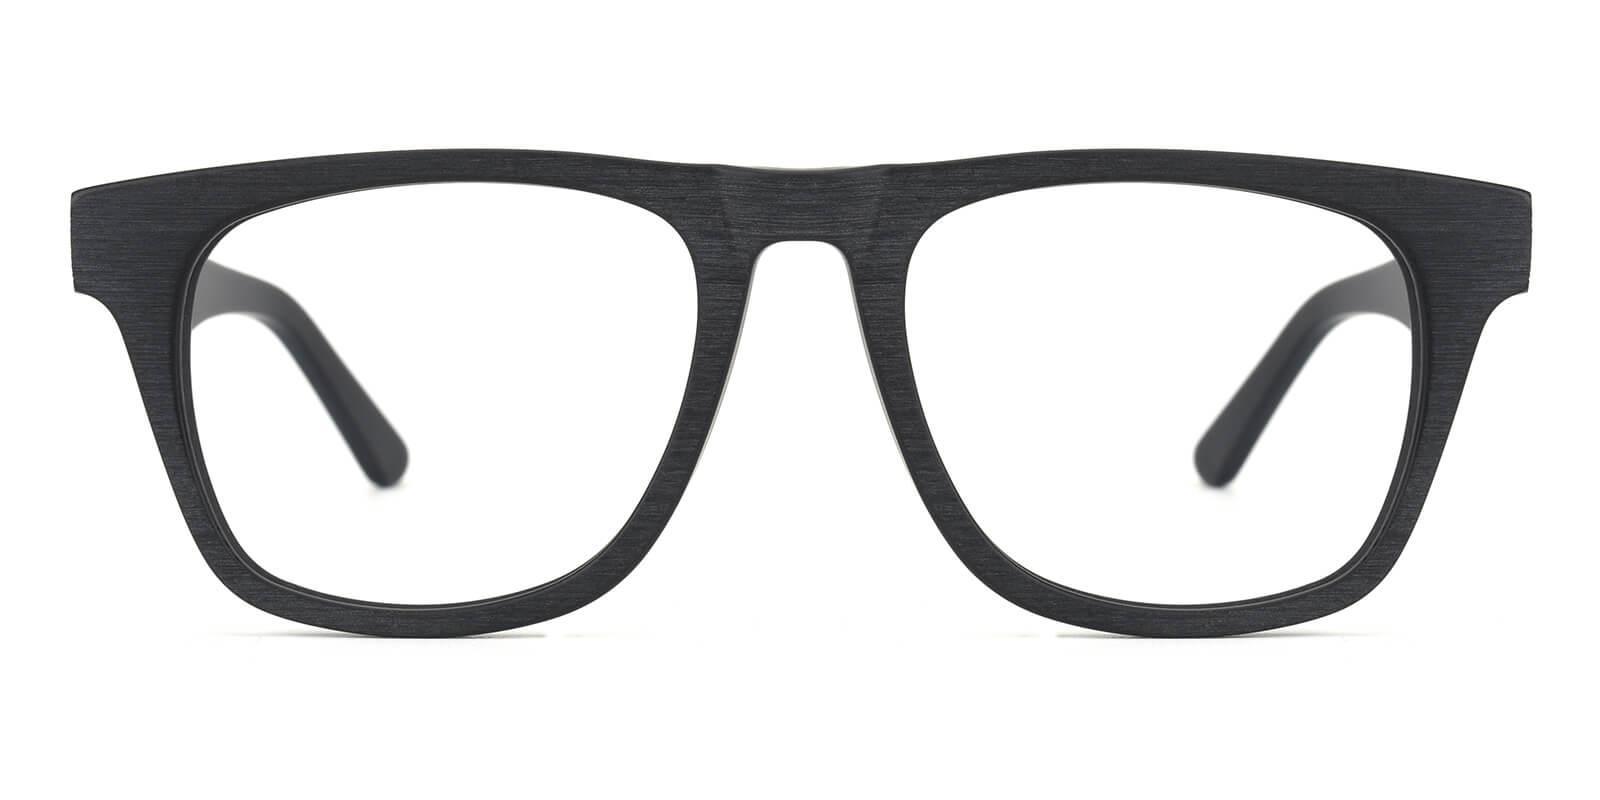 Nashive-Black-Rectangle-Acetate-Eyeglasses-additional2